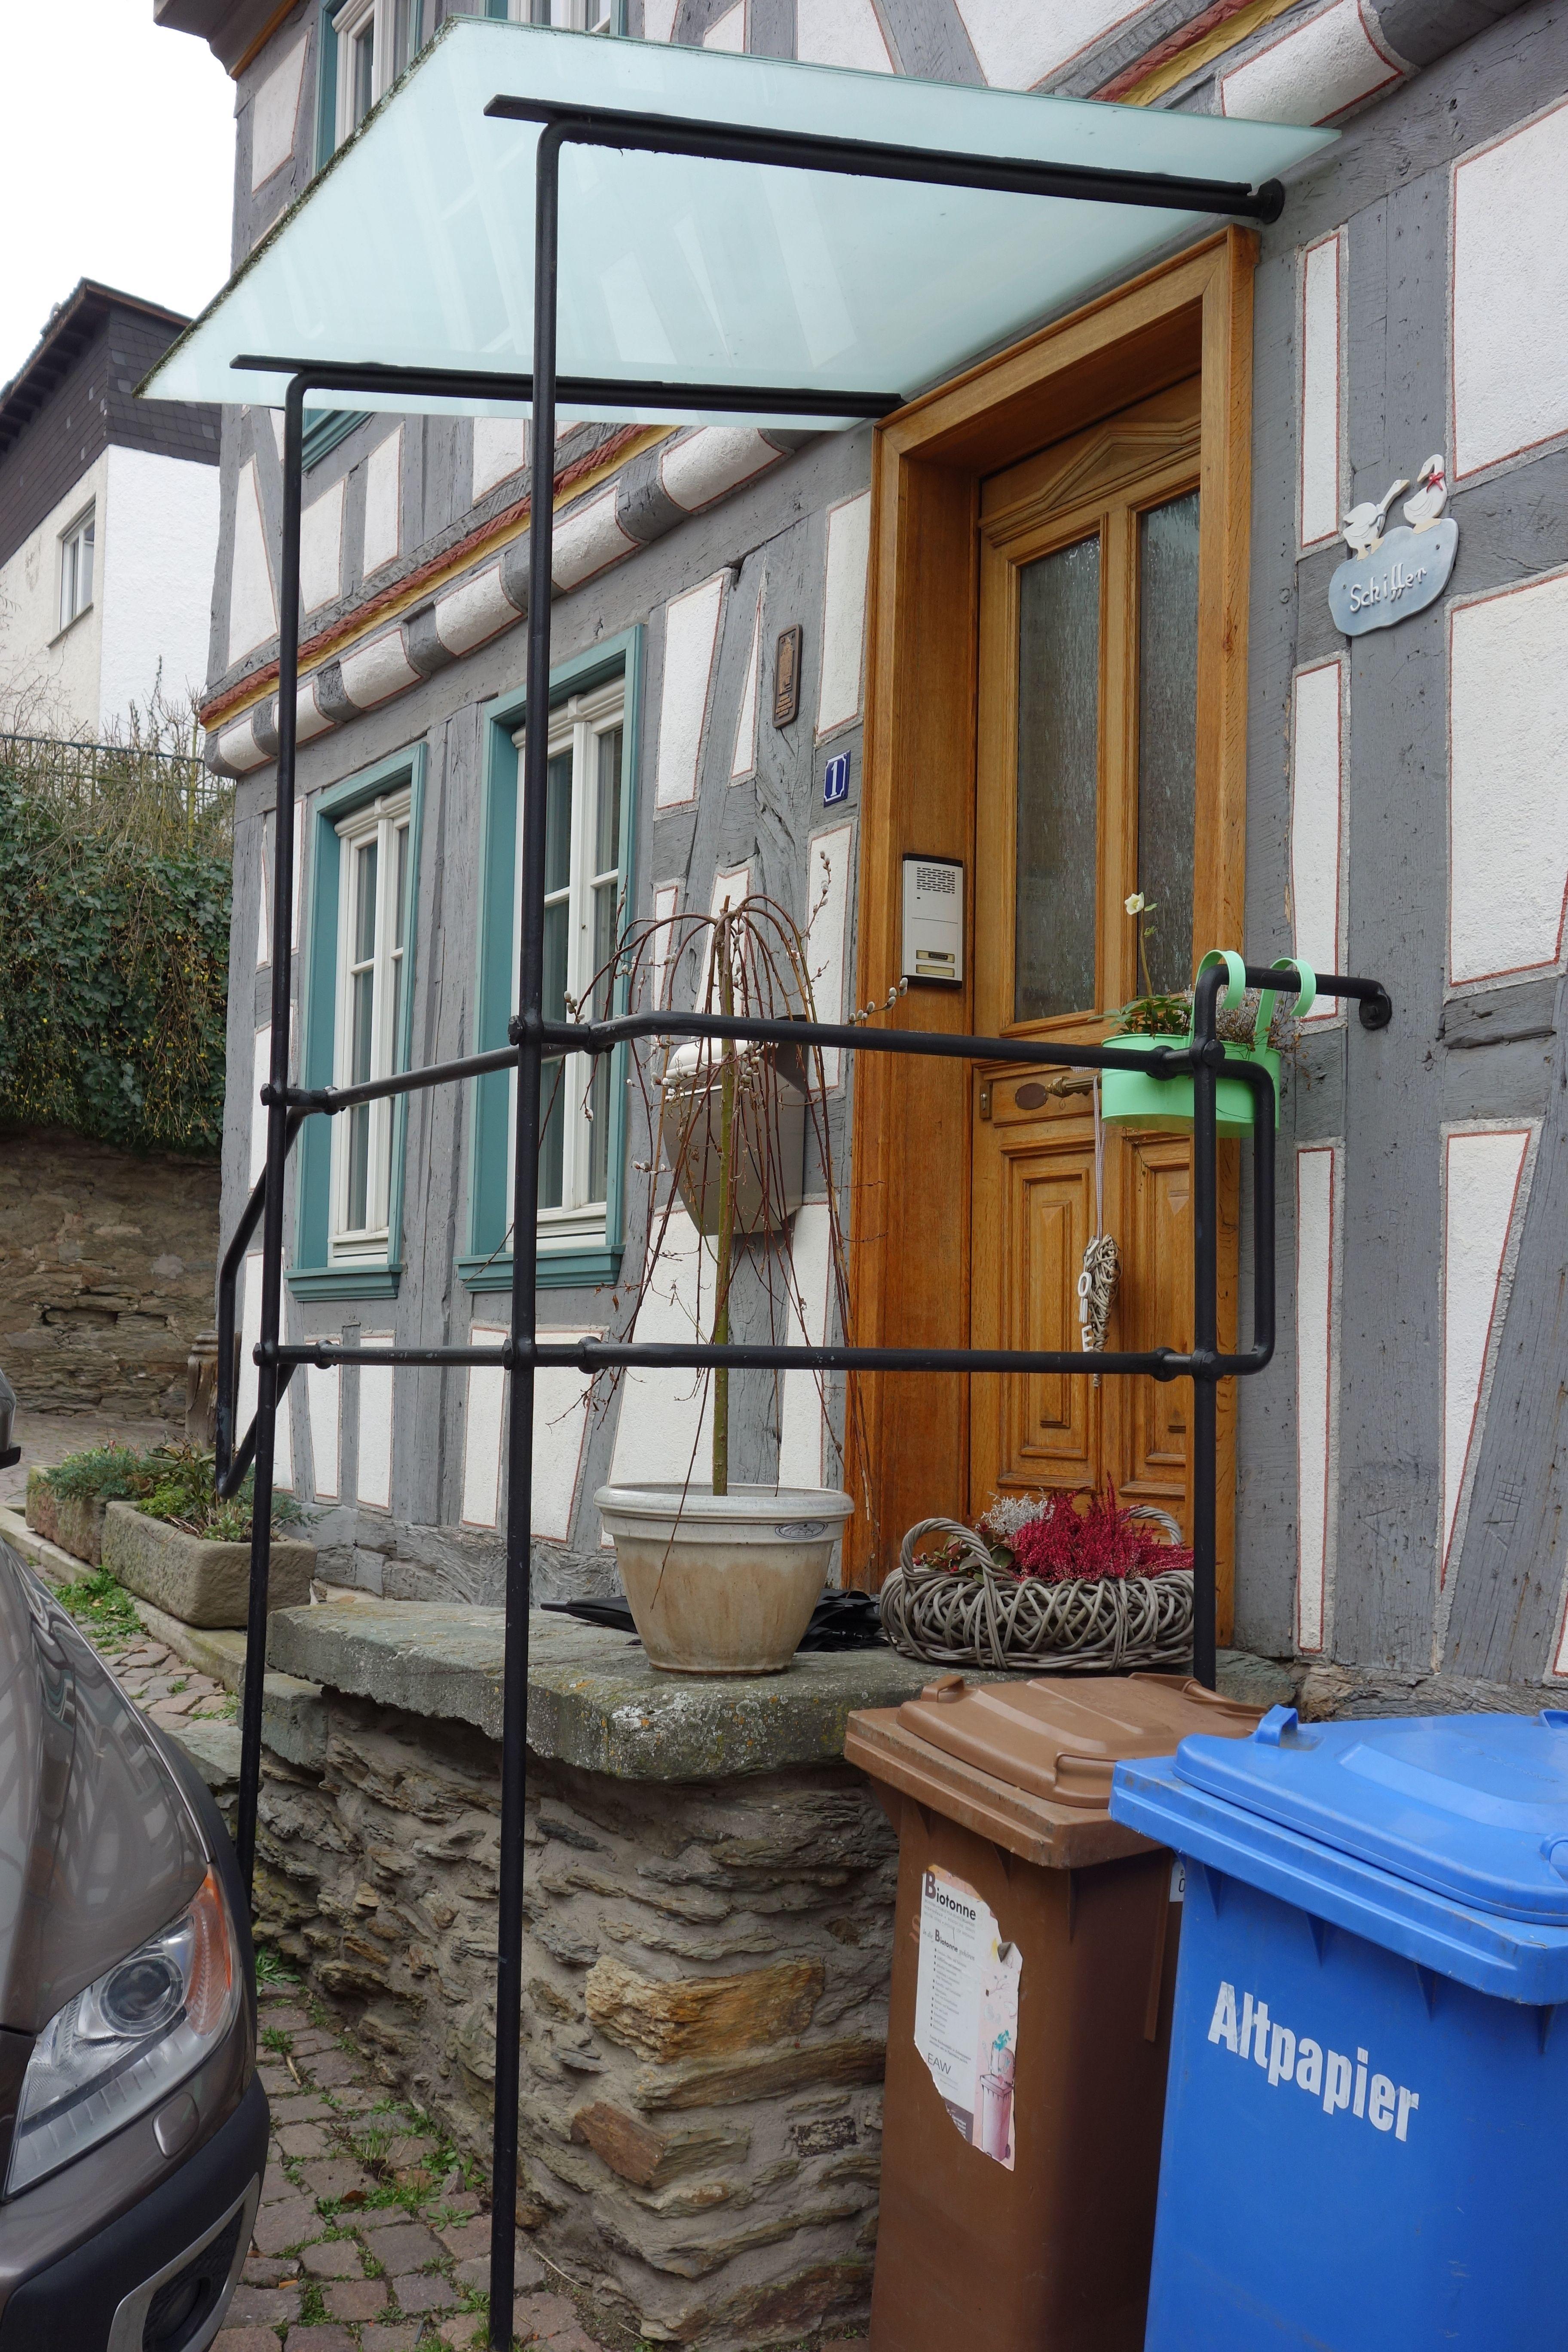 Vordach Aus Metall Glas An Fachwerkhaus In Idstein Vordach Glas Vordach Fachwerkhauser